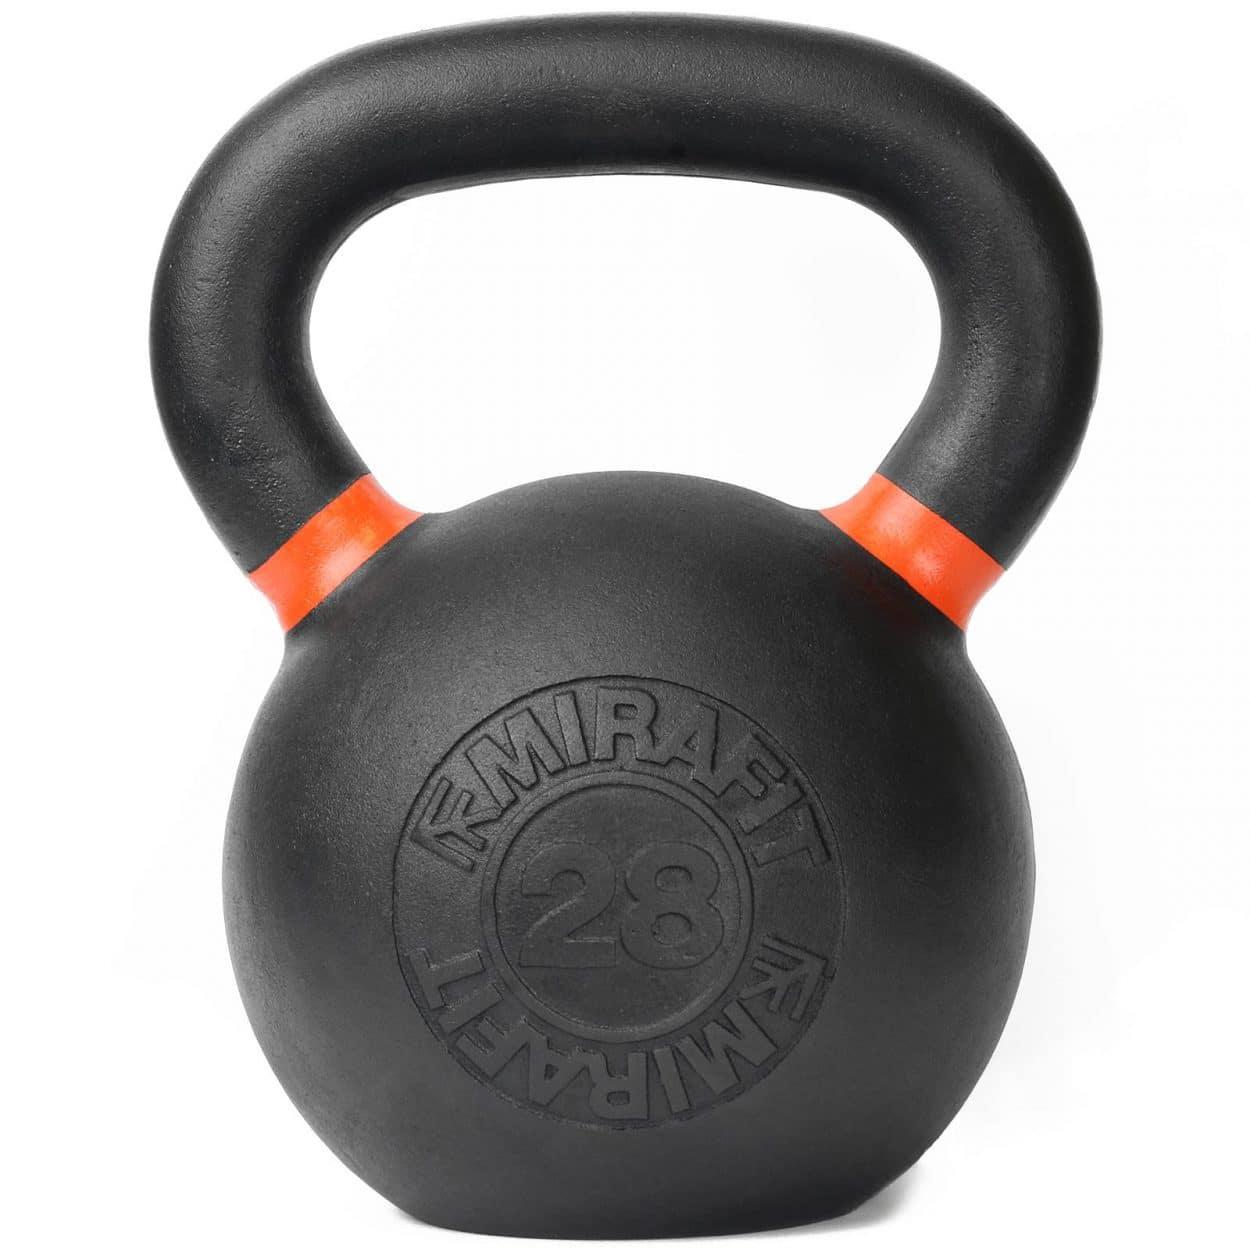 Mirafit Cast Iron Kettlebell – 28kg